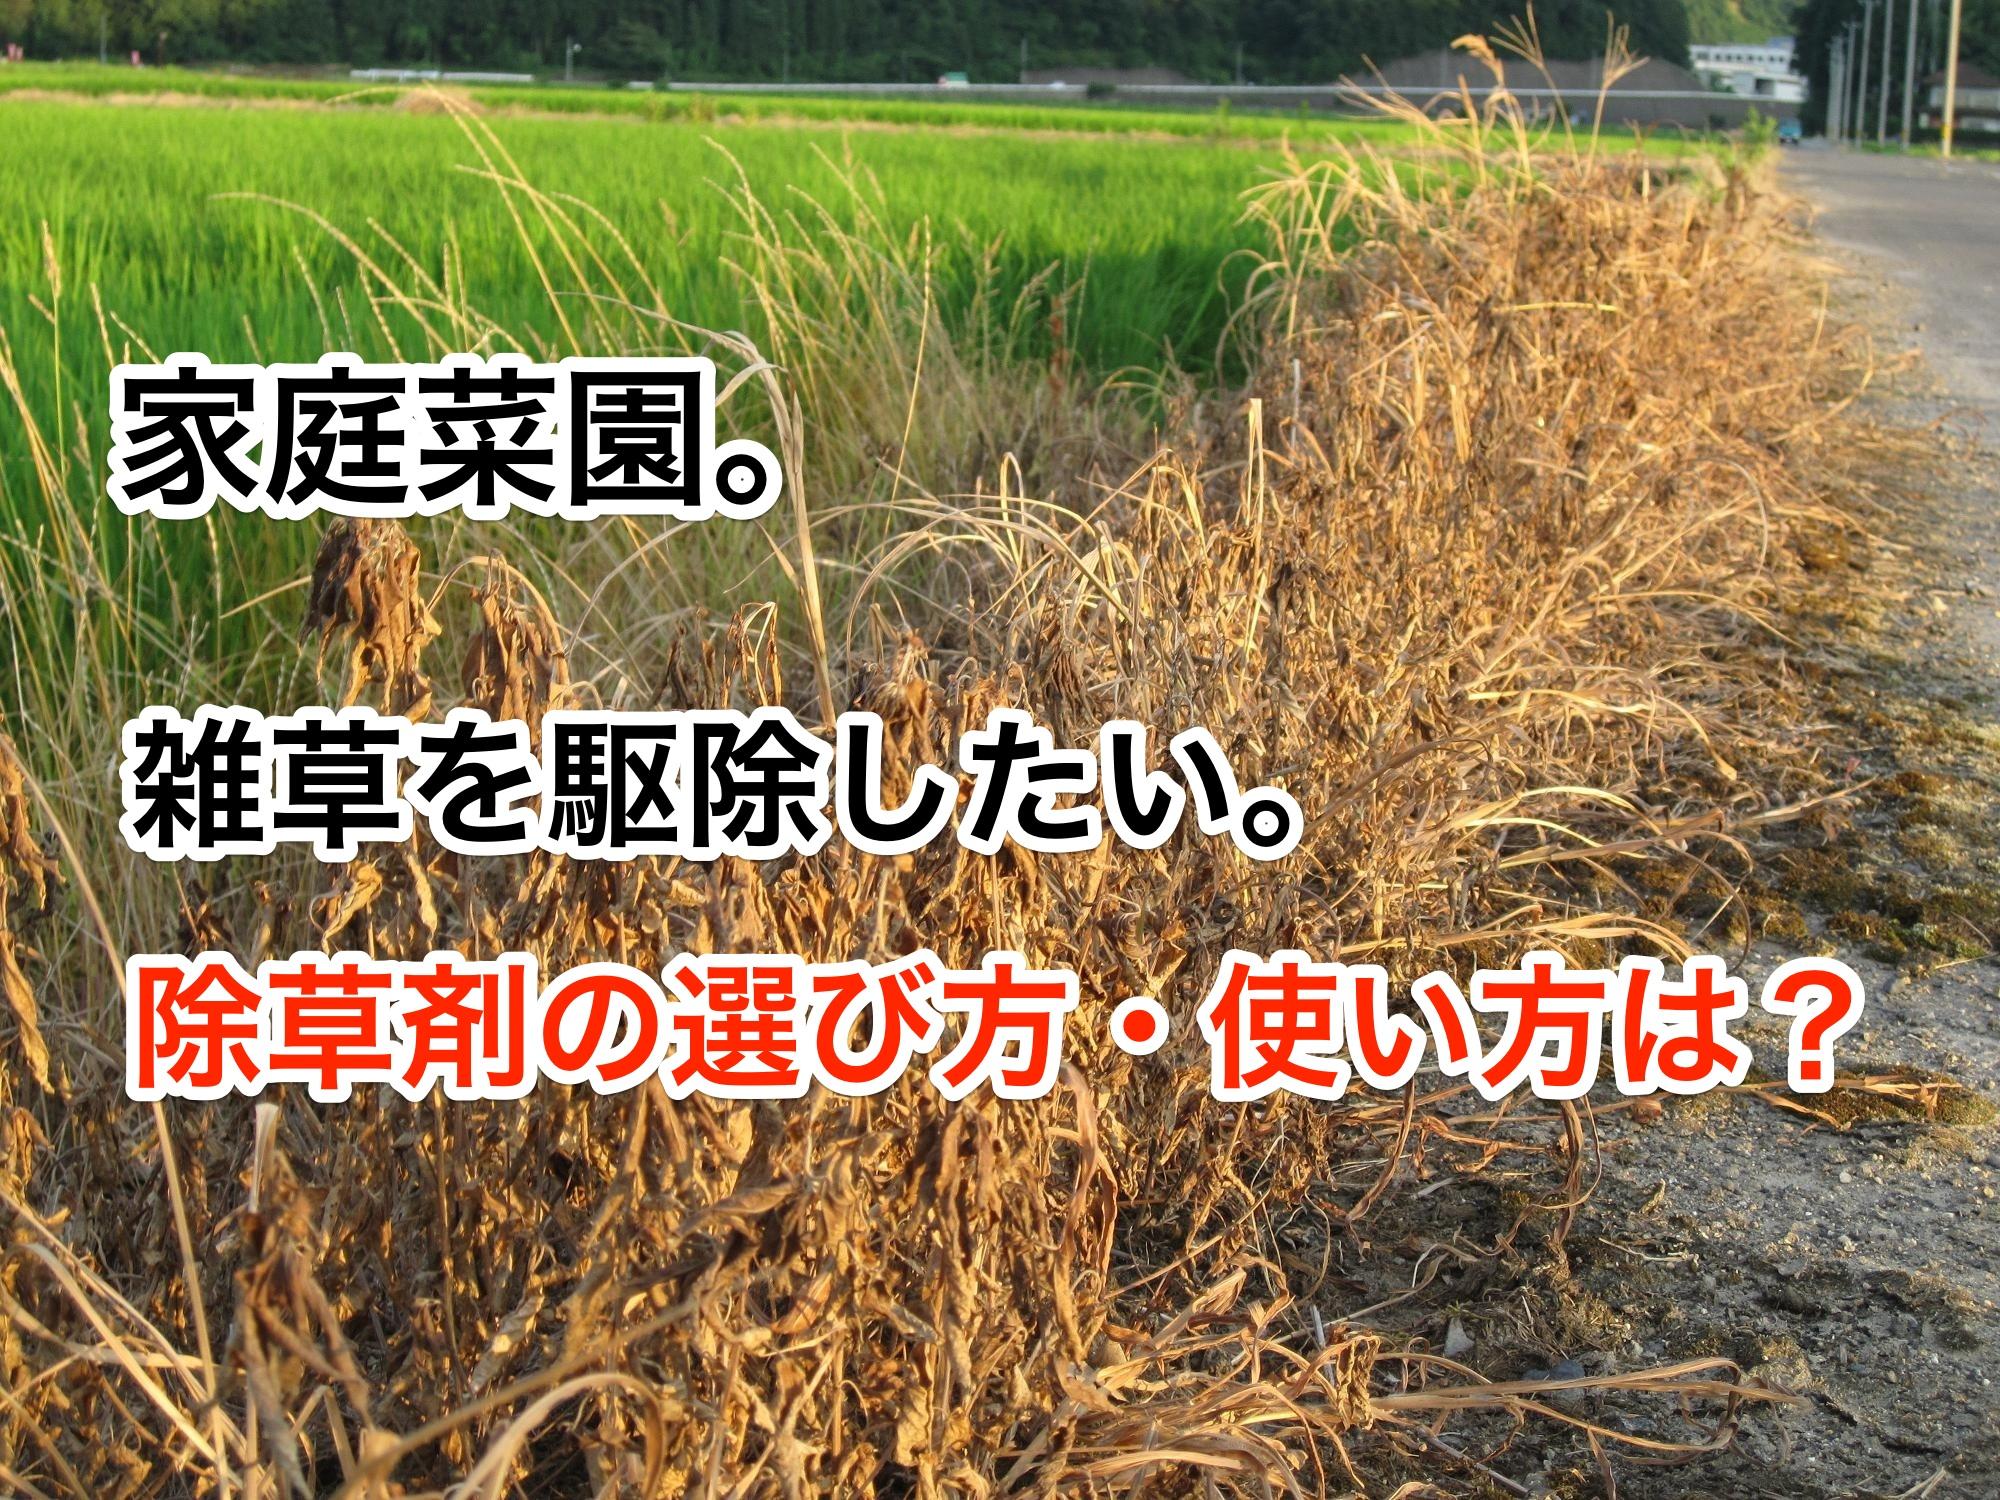 家庭菜園。雑草を駆除したい。除草剤の選び方・使い方は?